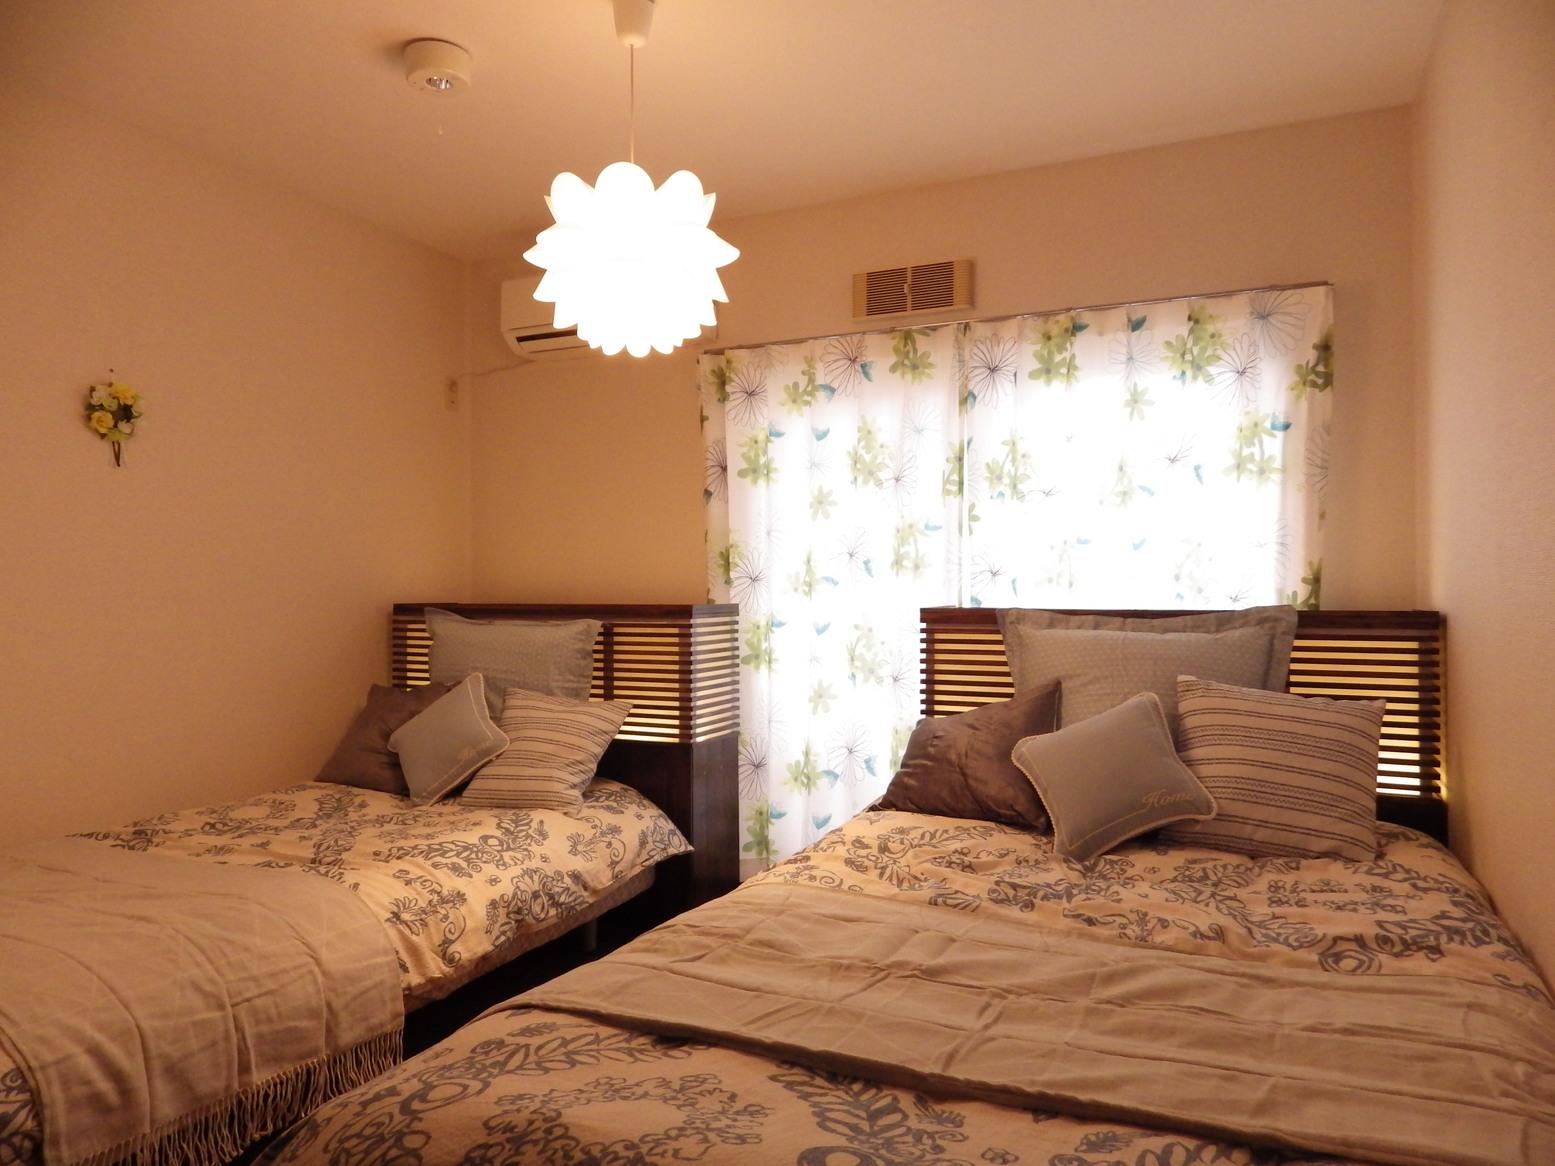 ベッドルーム(照明オン)